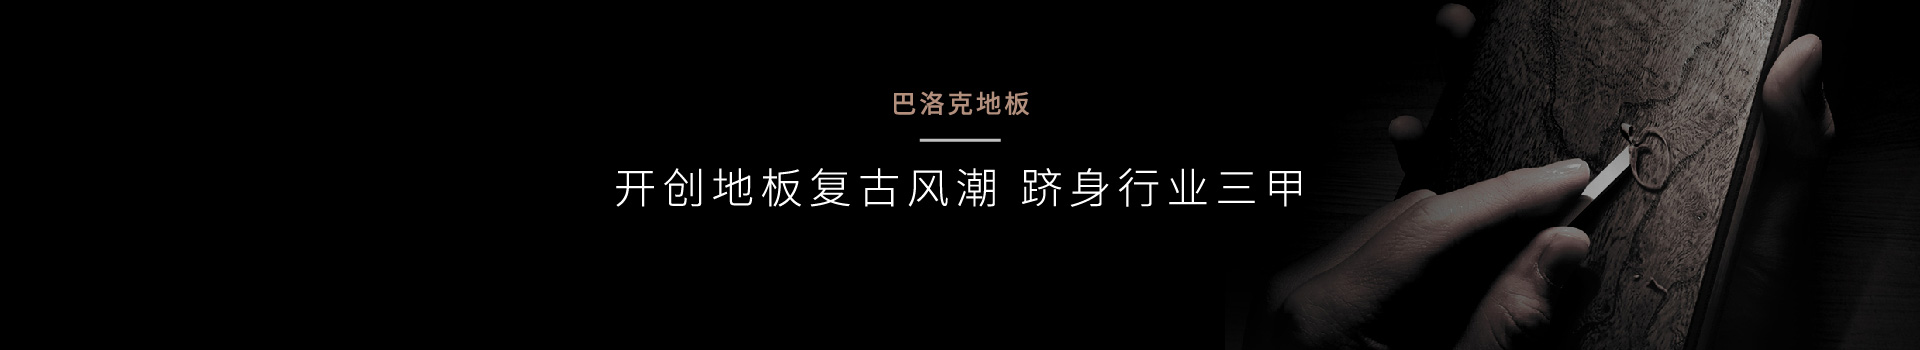 上海品牌策划公司策划巴洛克地板外贸转内销案例